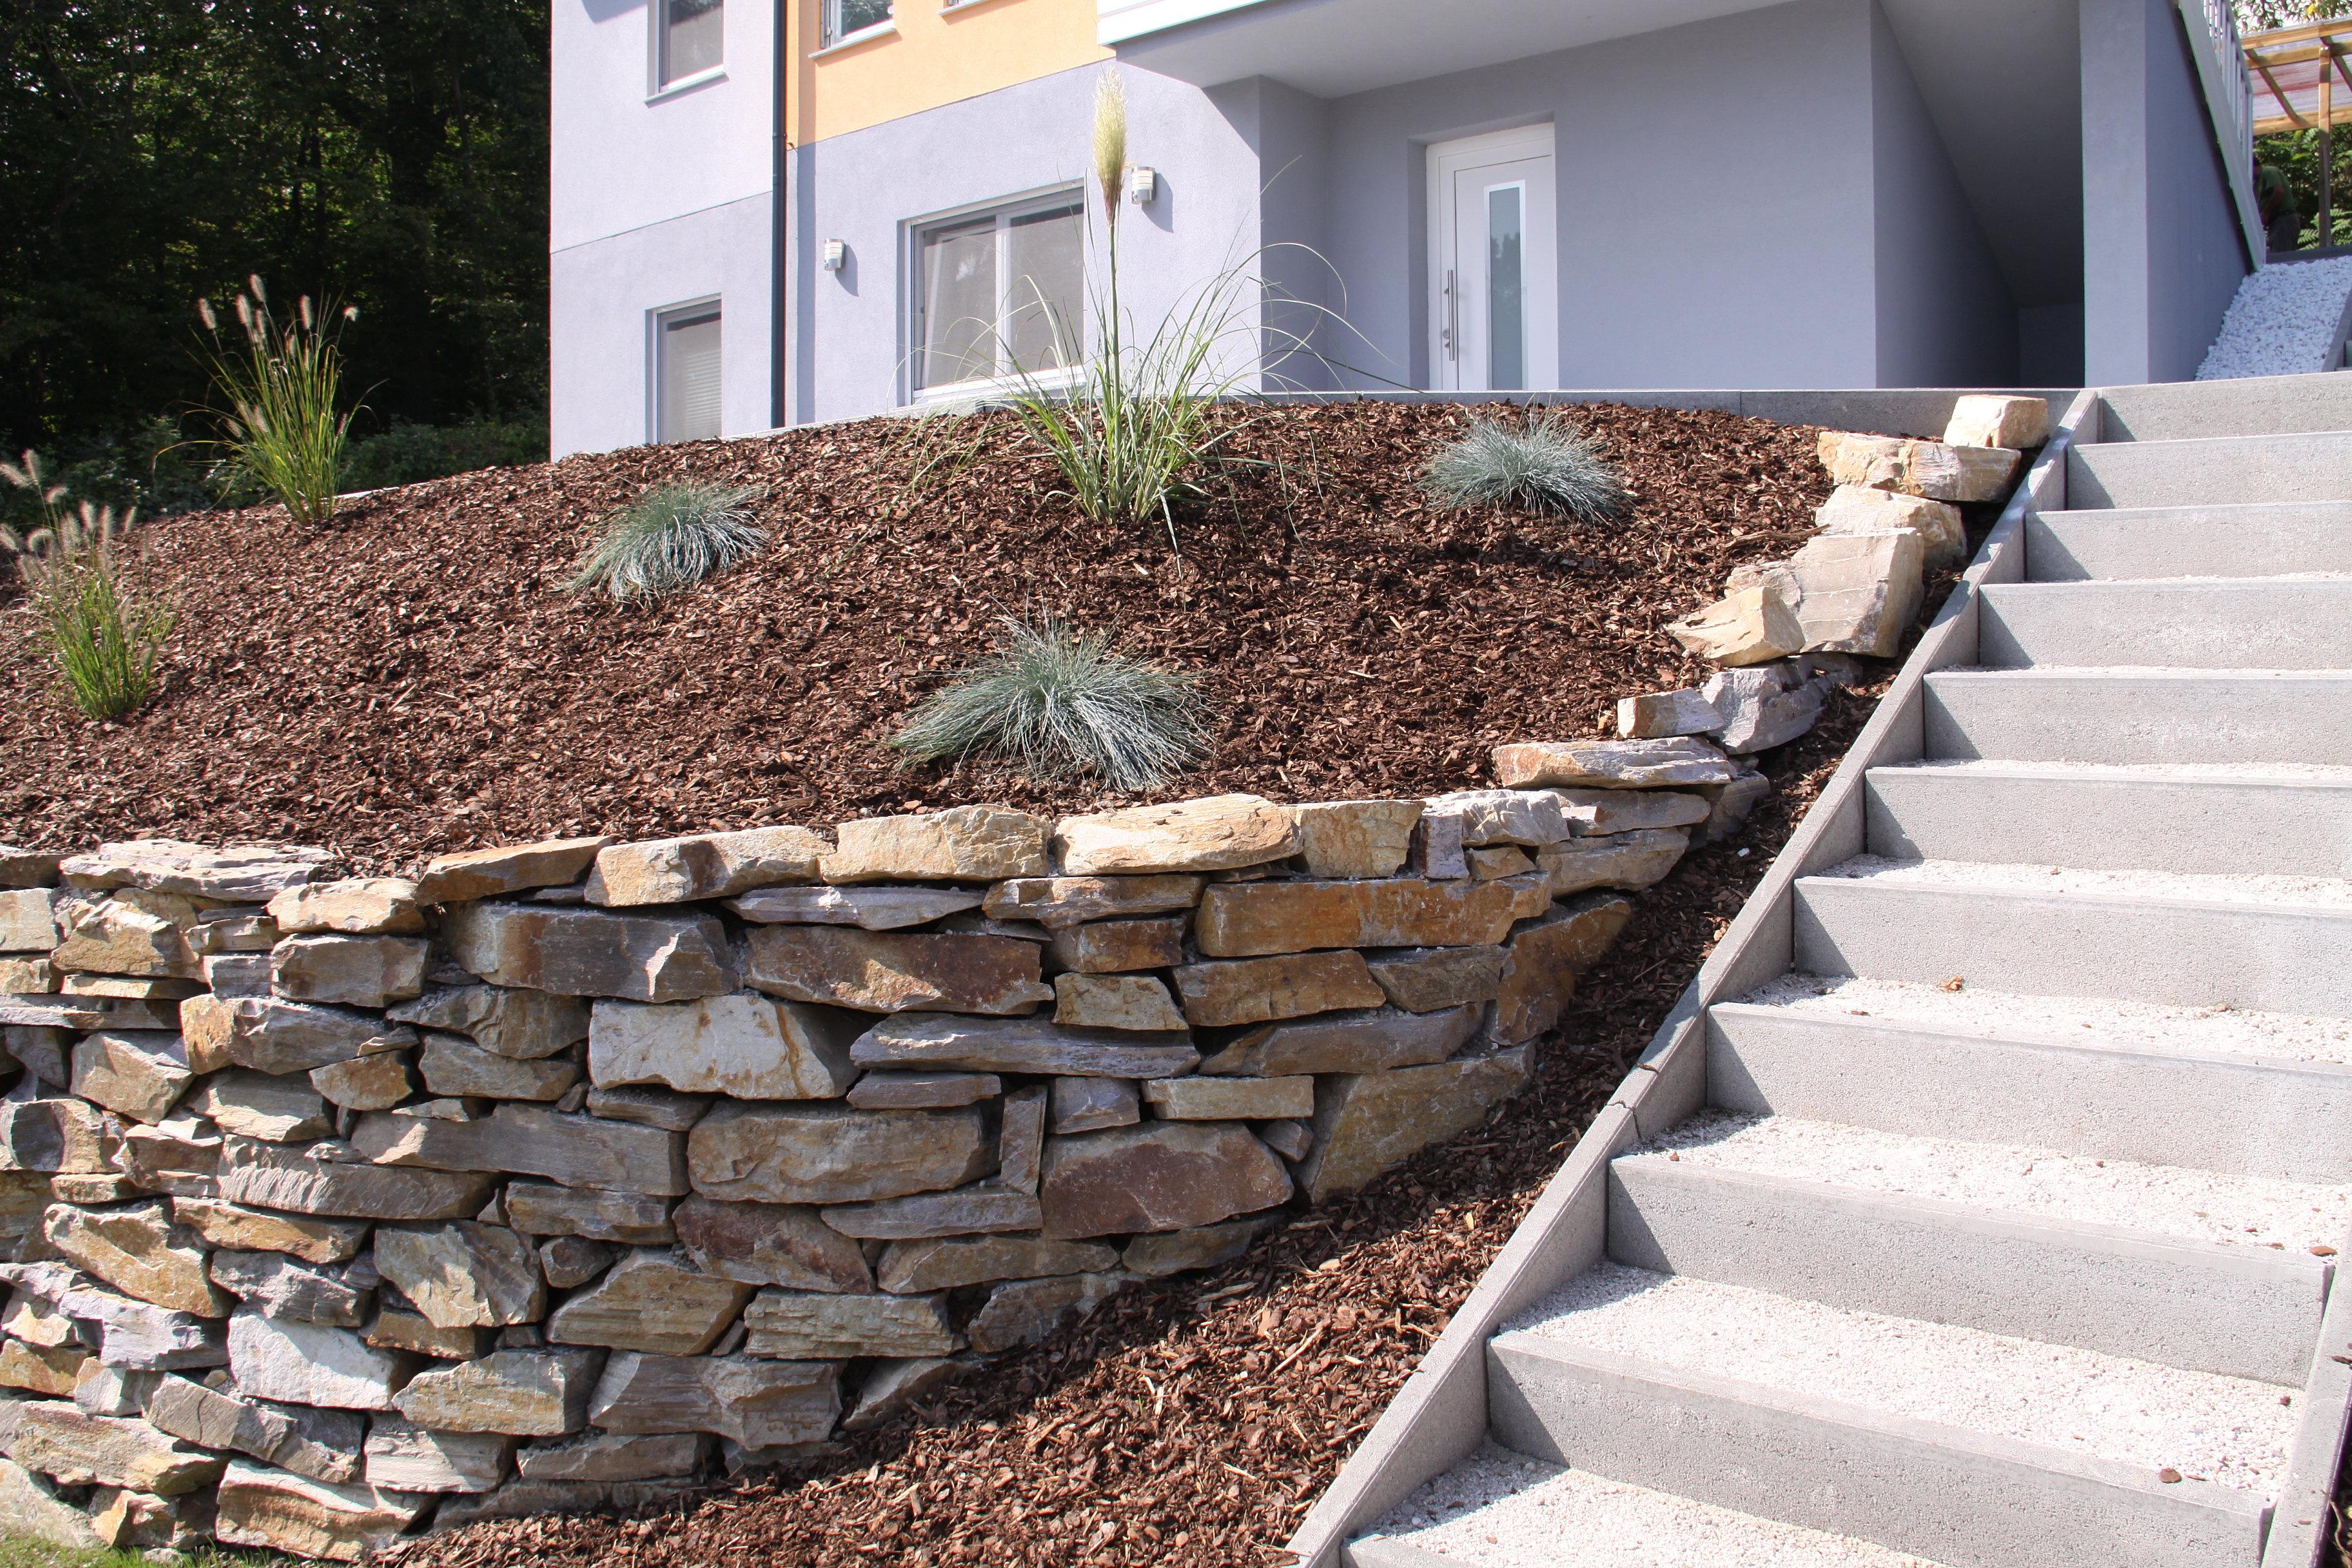 Gartengestaltung peter reinisch natursteinmauer for Gartengestaltung natursteinmauer